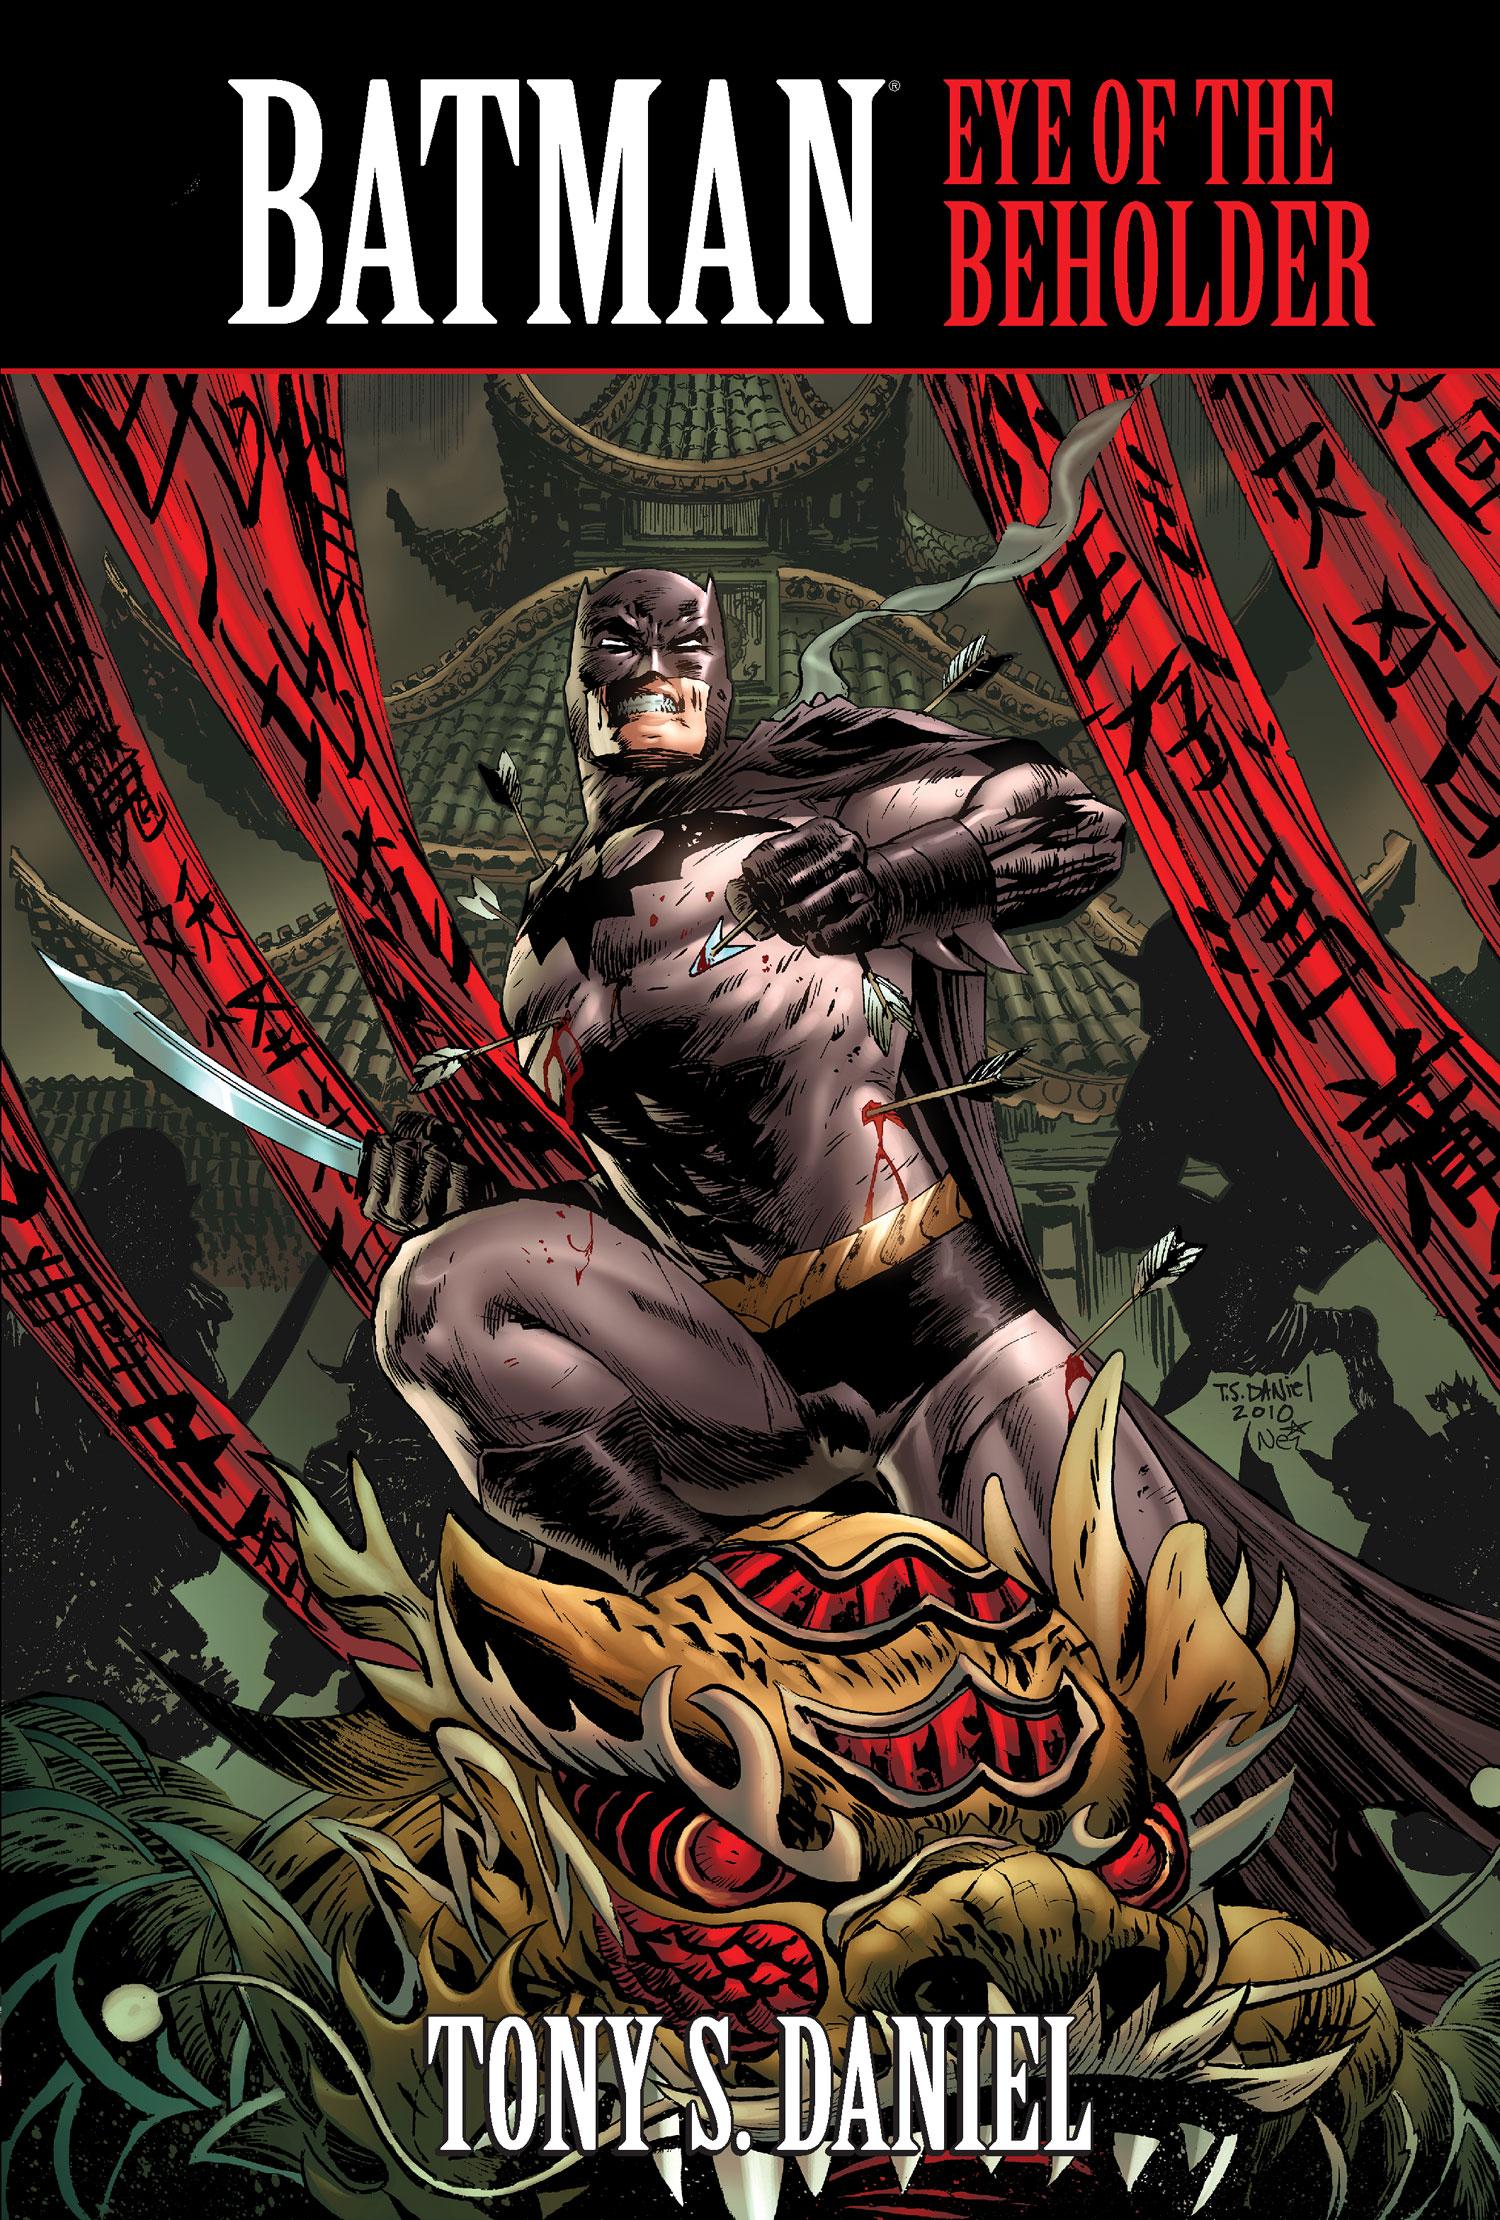 Batman Eye of The Beholder Eye of The Beholder Trade